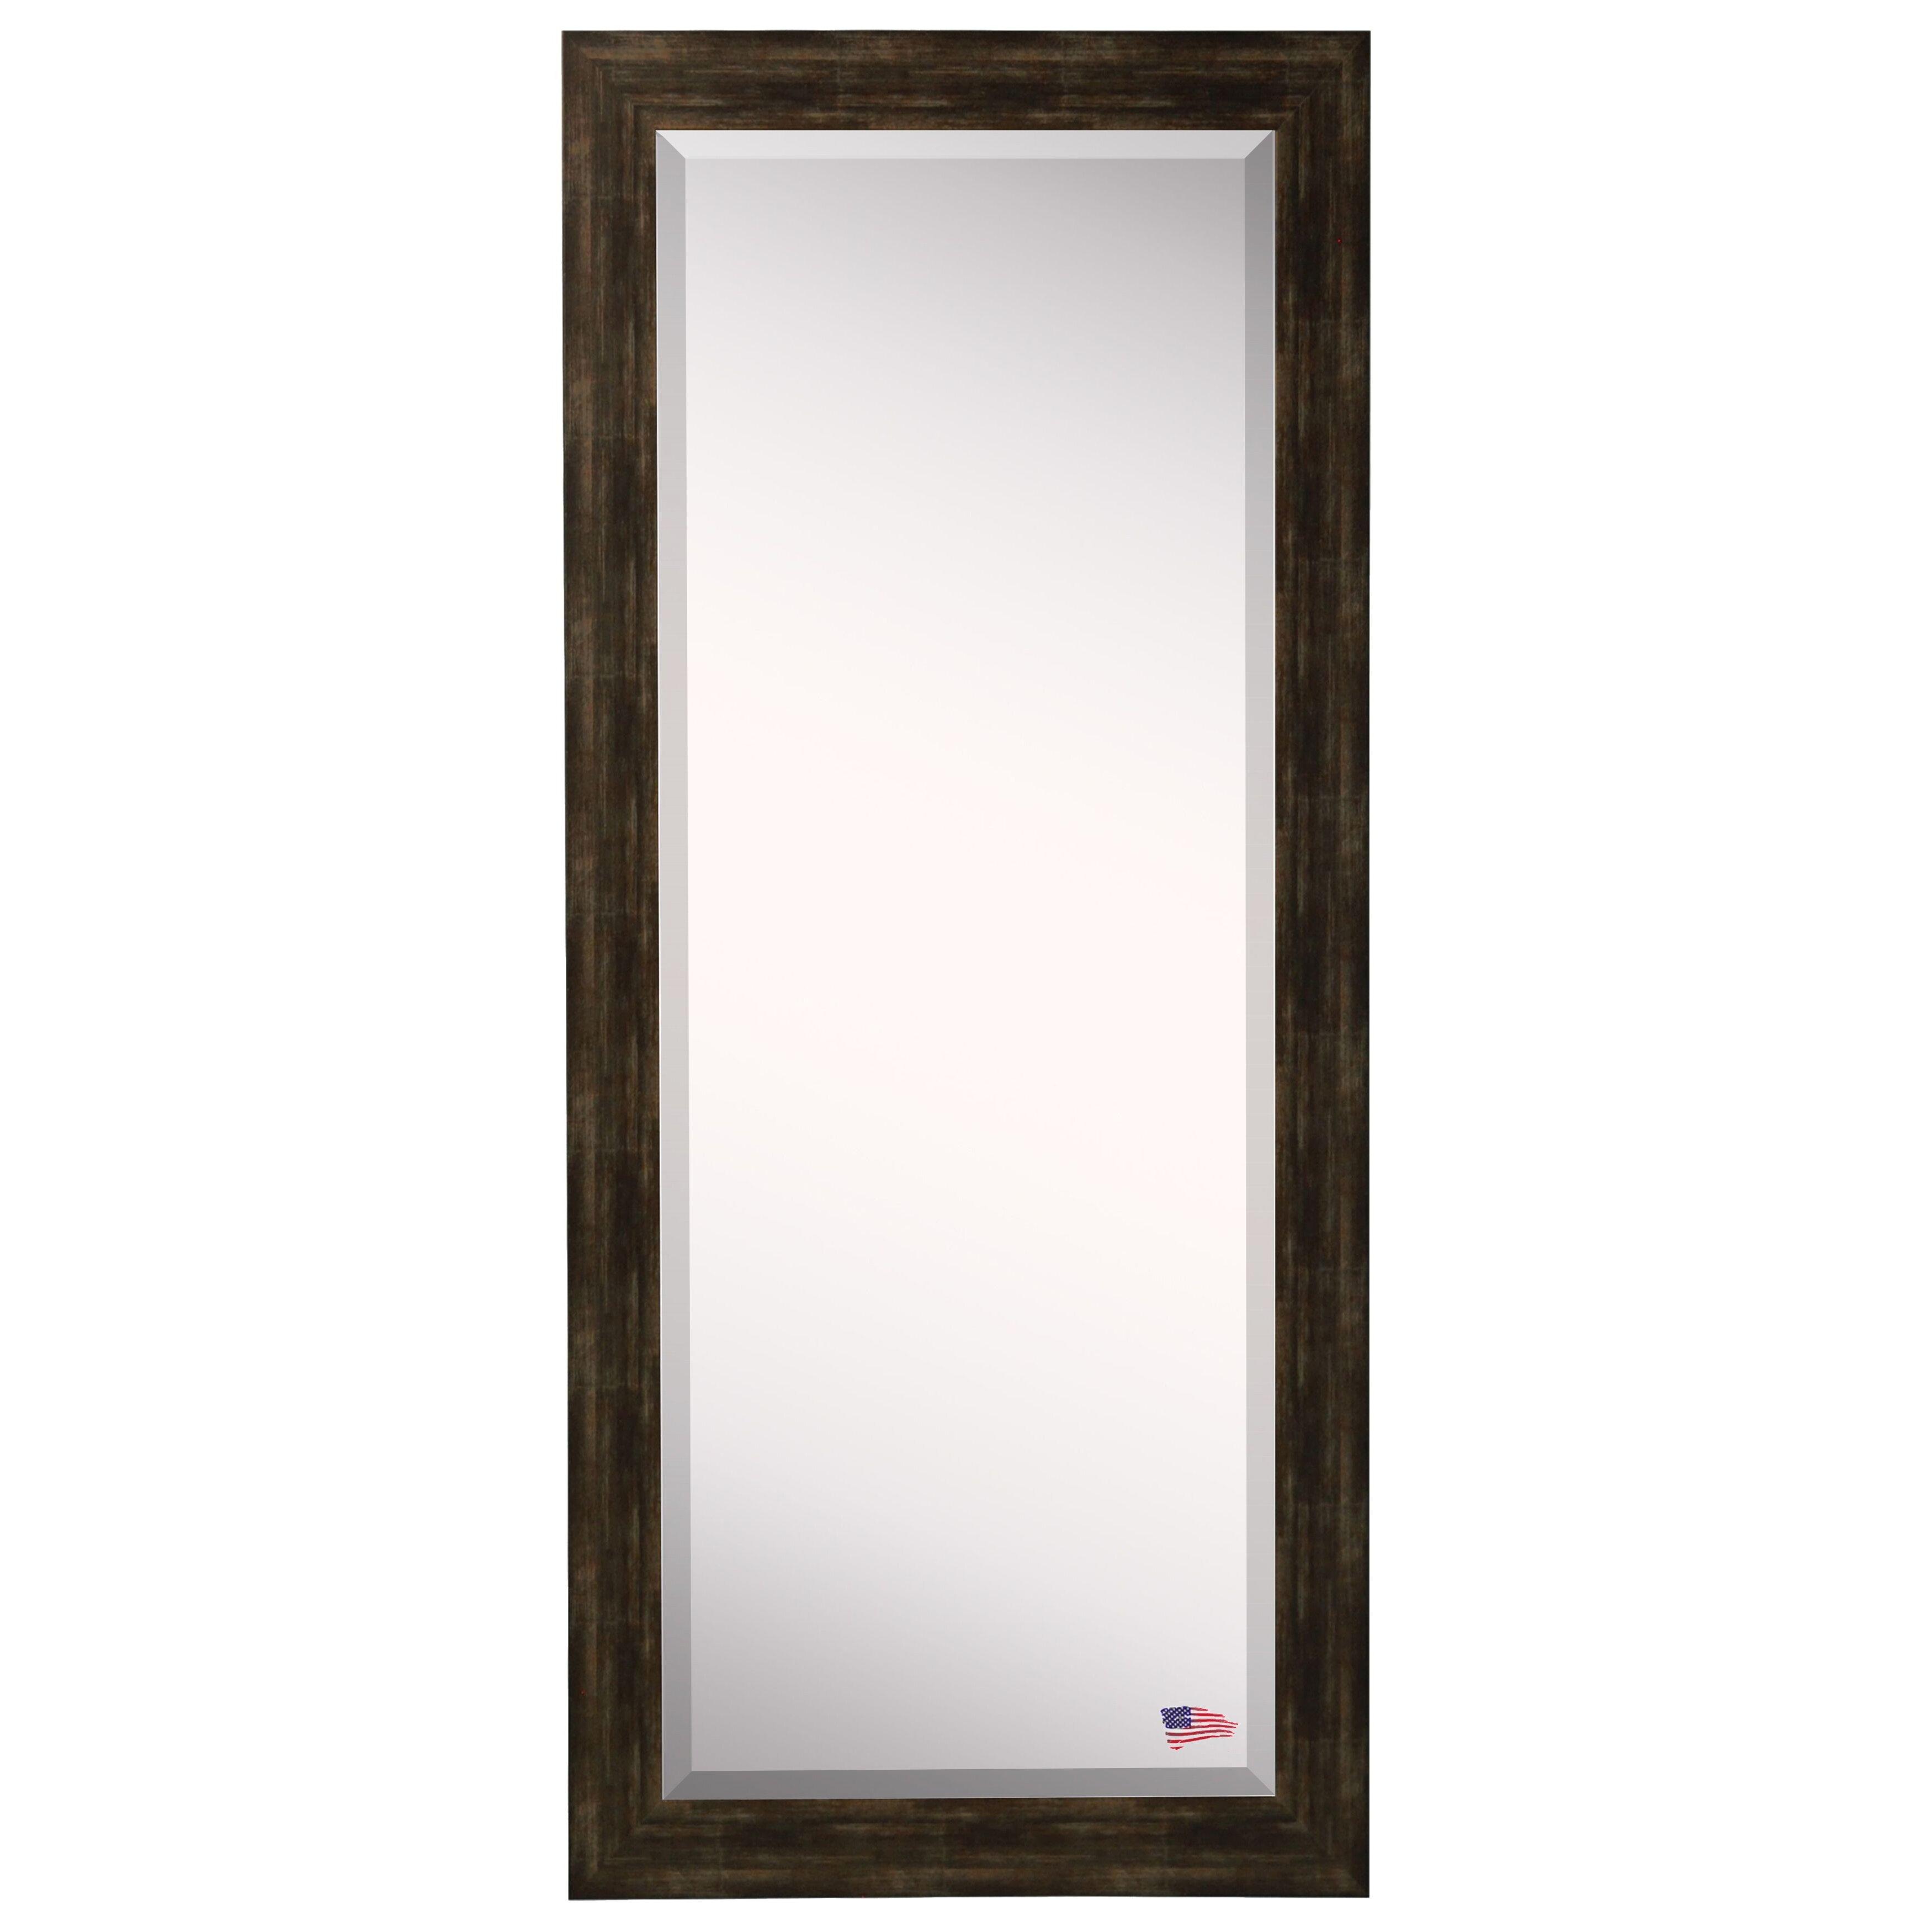 Brayden studio brushed classic extra tall floor mirror for Glass floor mirror